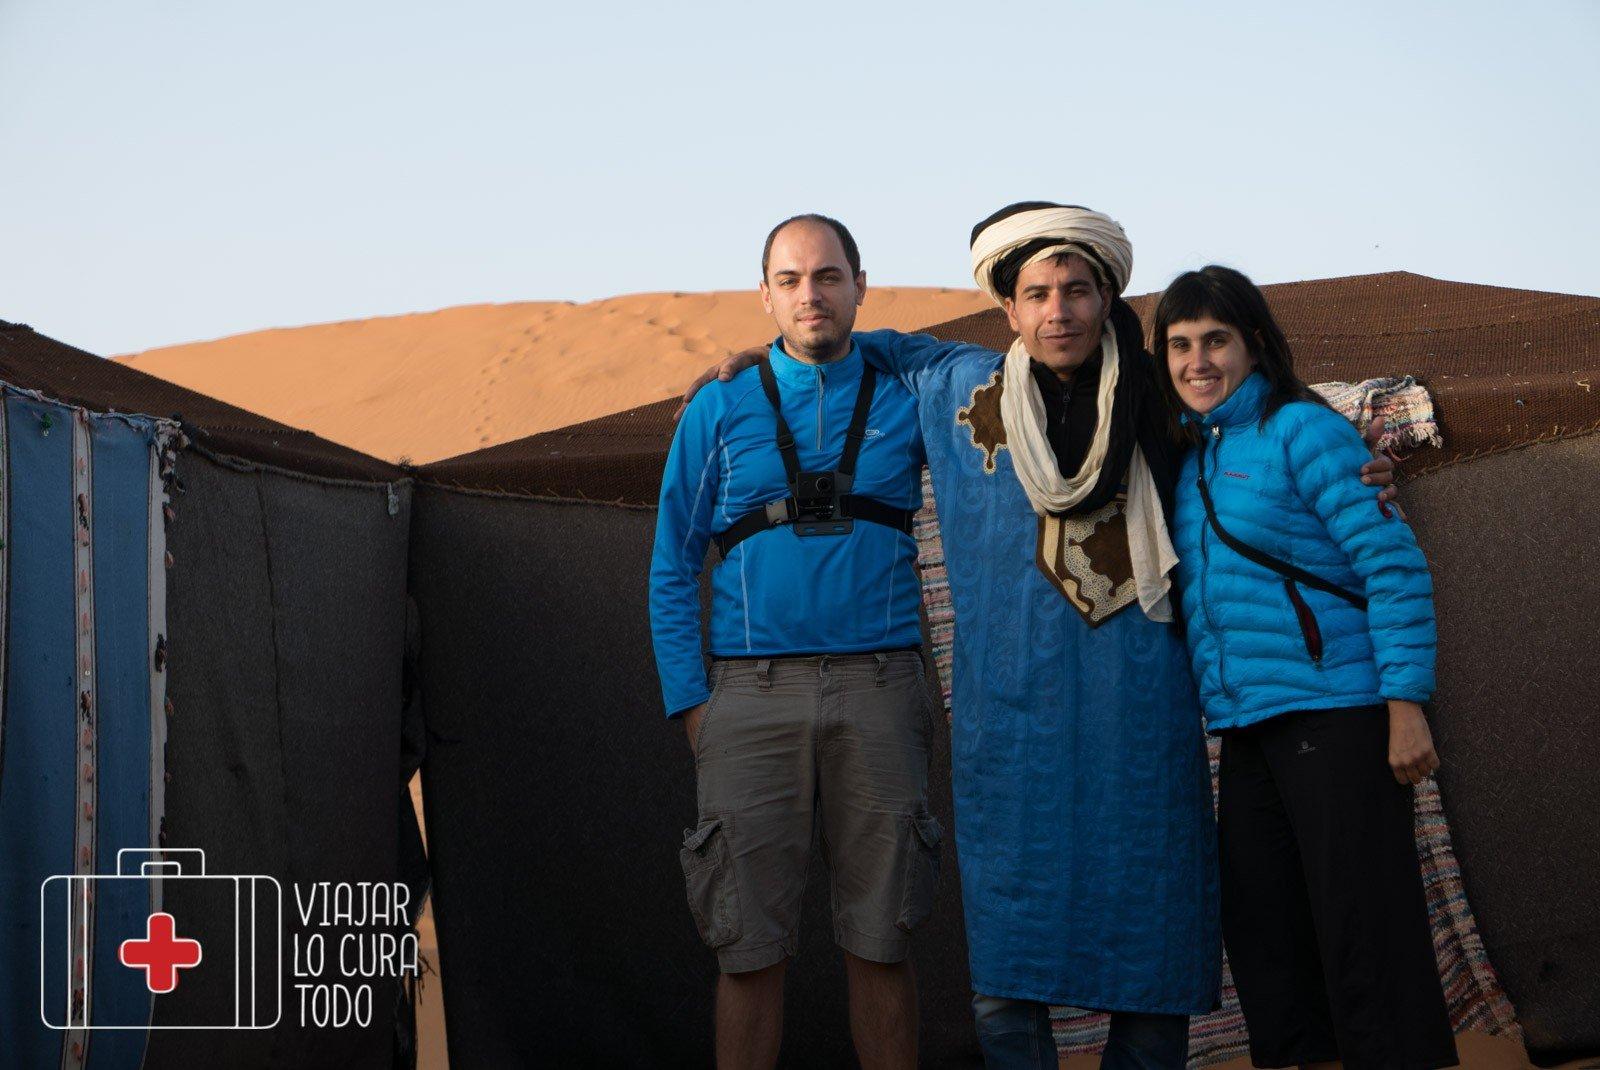 Cómo pude pasar 5 días en Marruecos por 140€